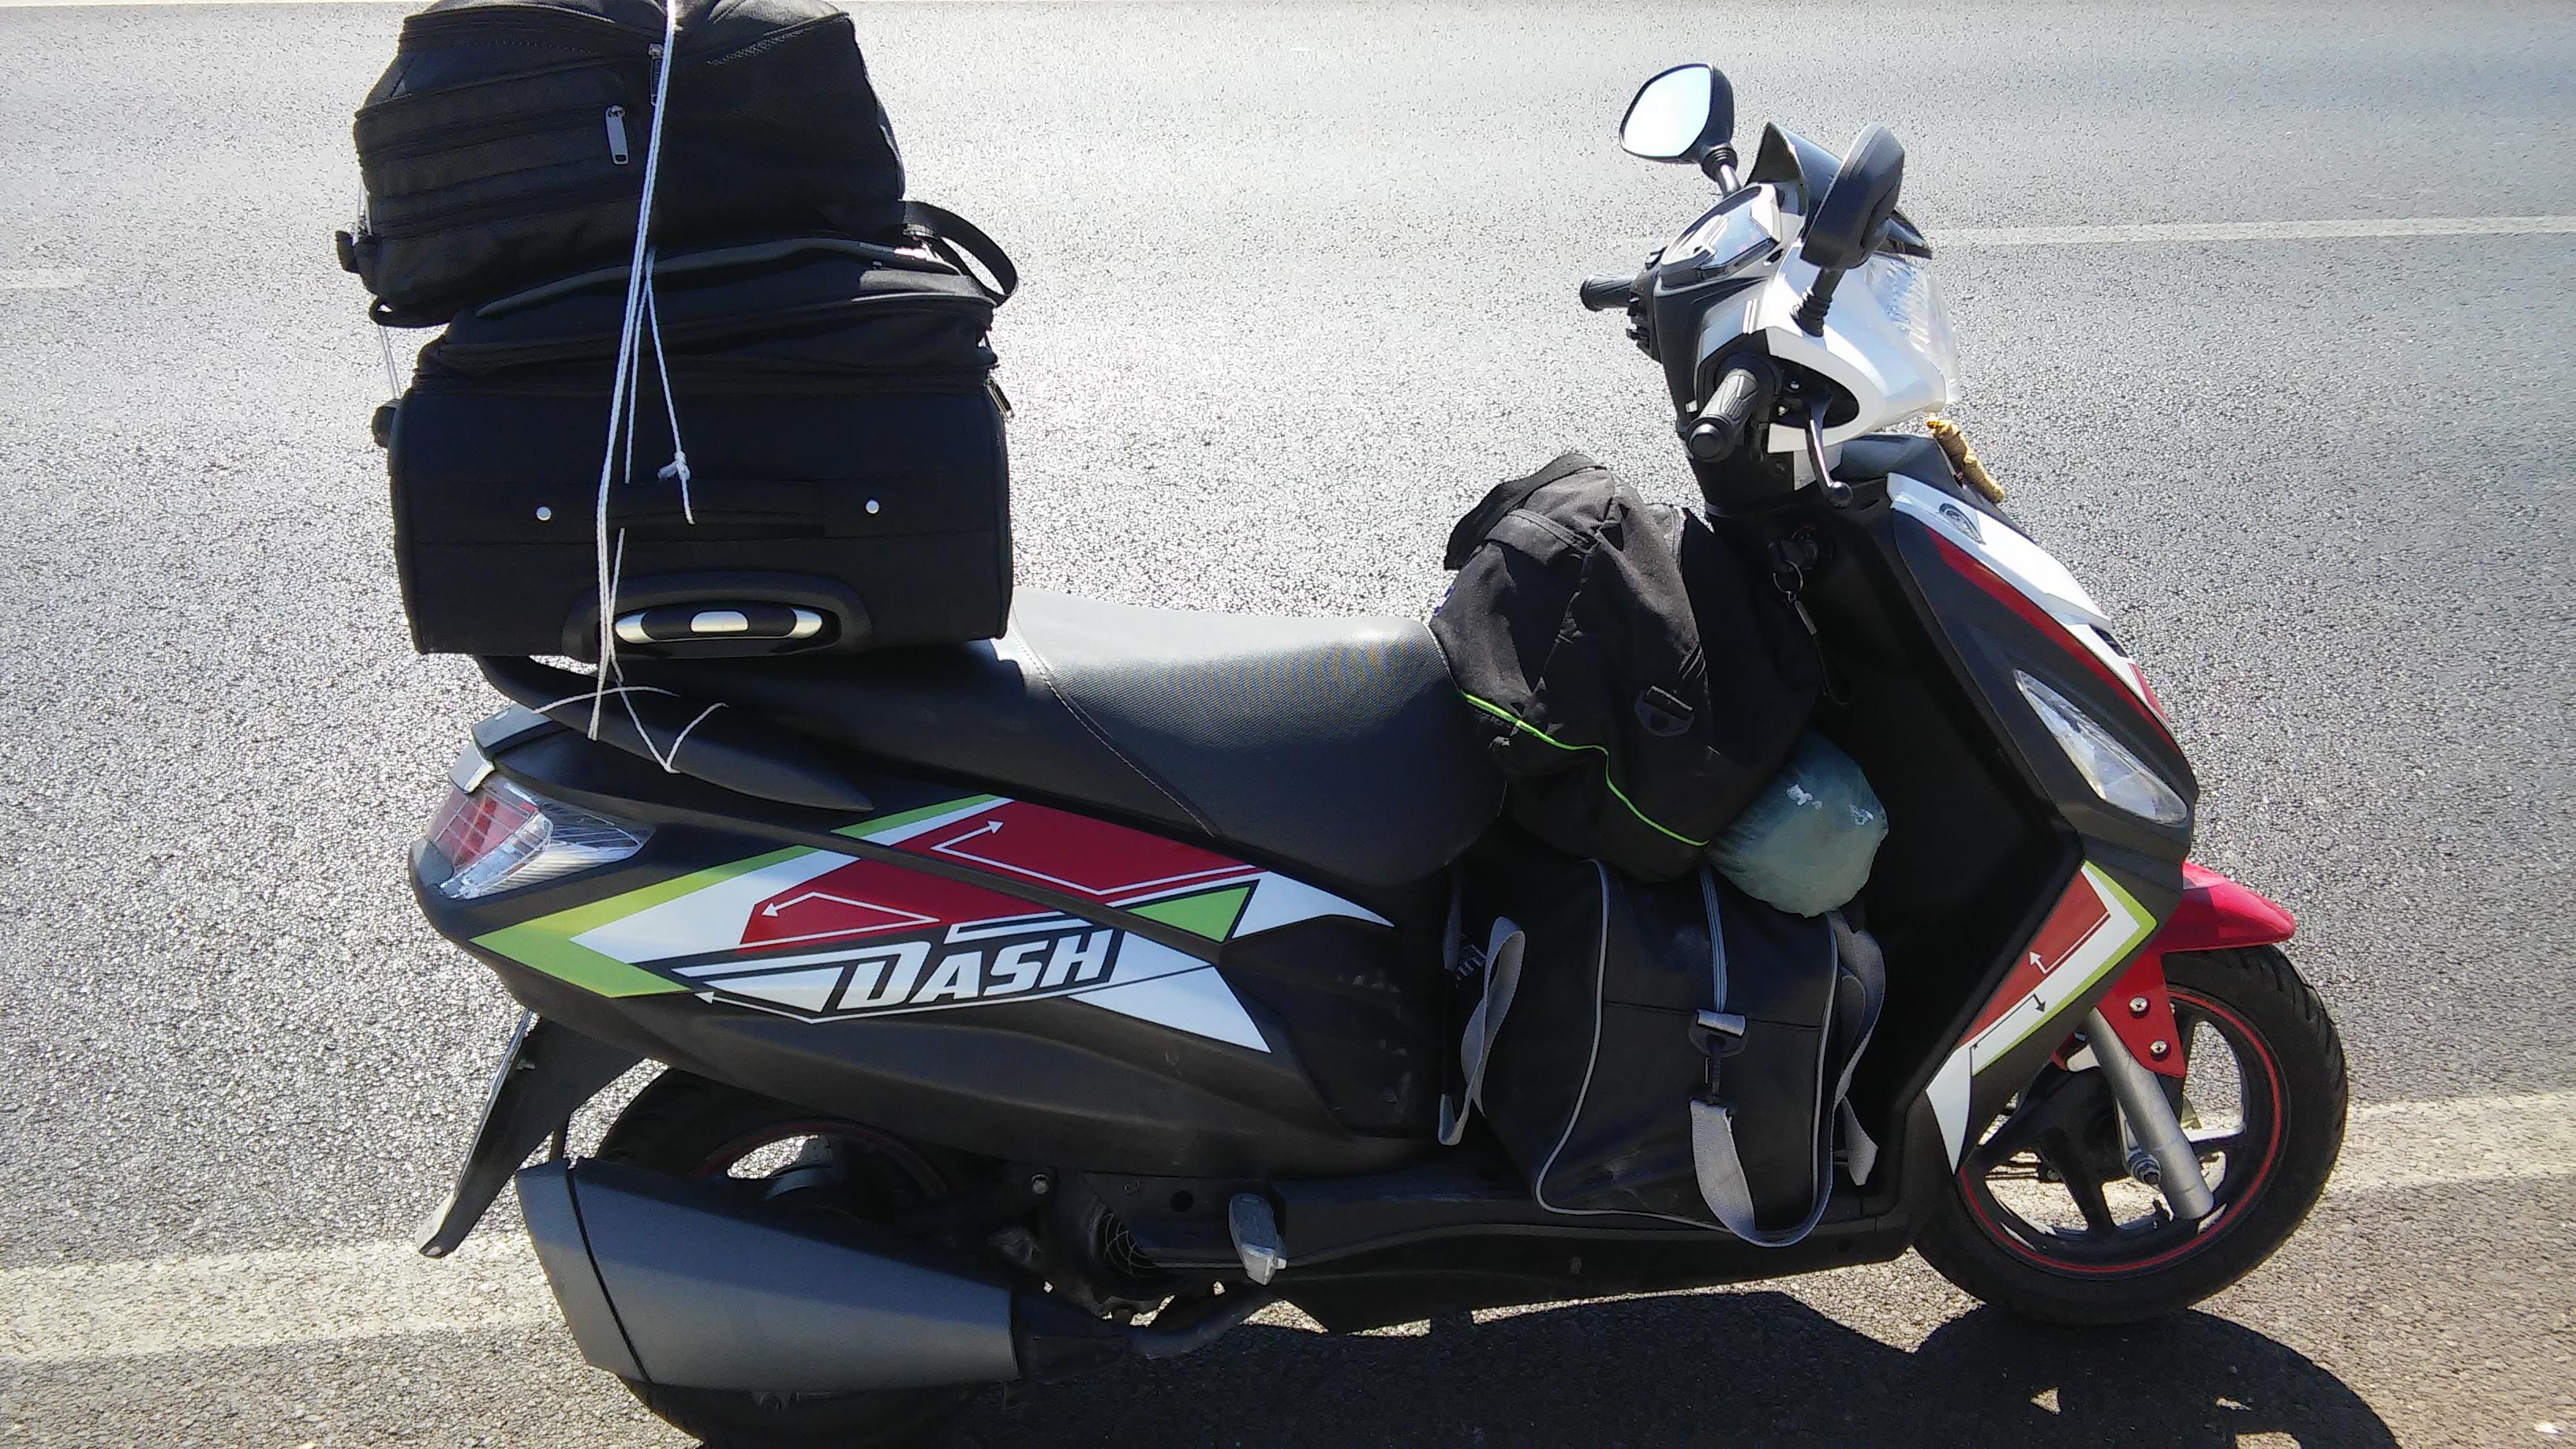 scooter kullanıp kendini harleyde sanan tip